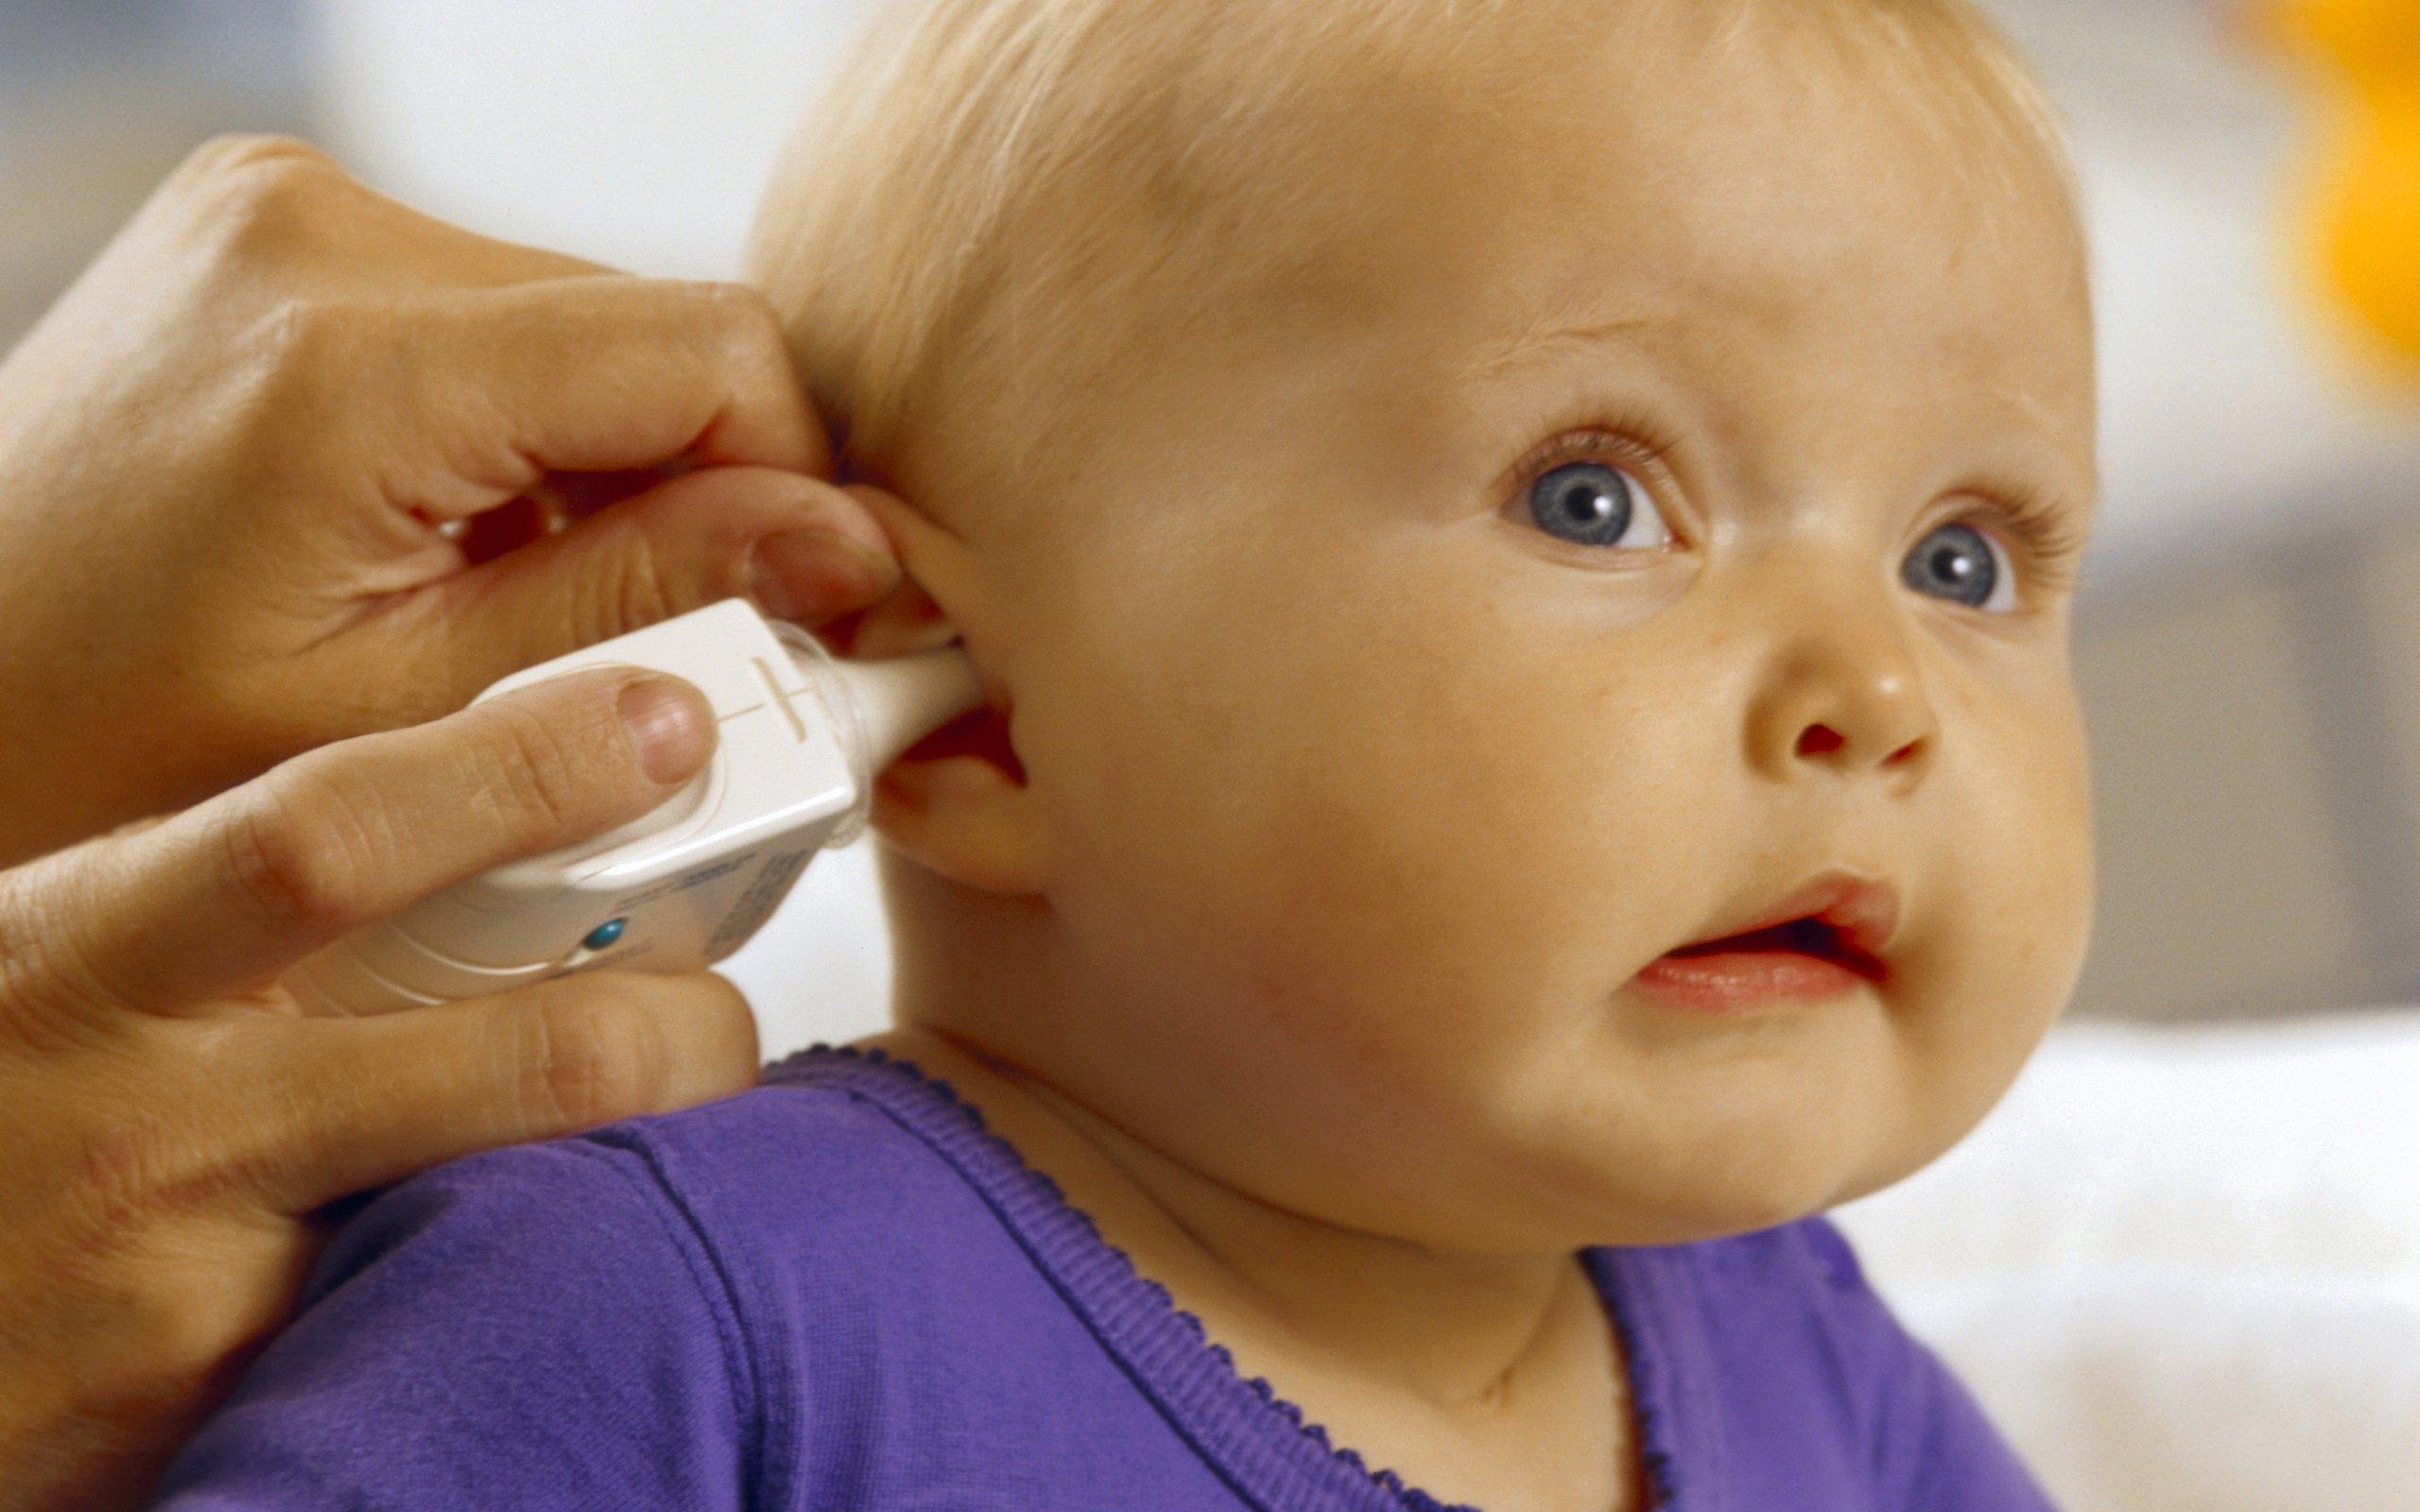 У ребенка болит ухо: что можно сделать в домашних условиях